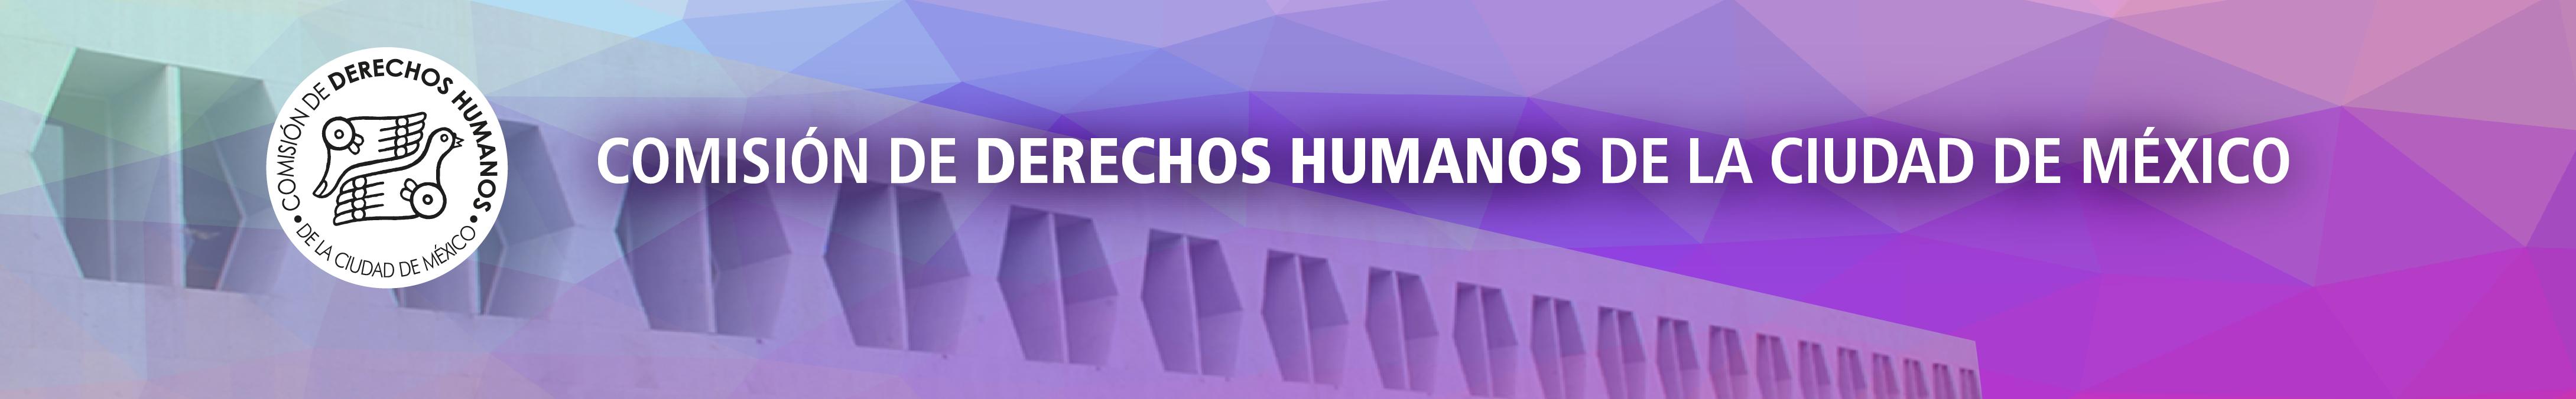 Comisión de Derechos Humanos de la Ciudad de México